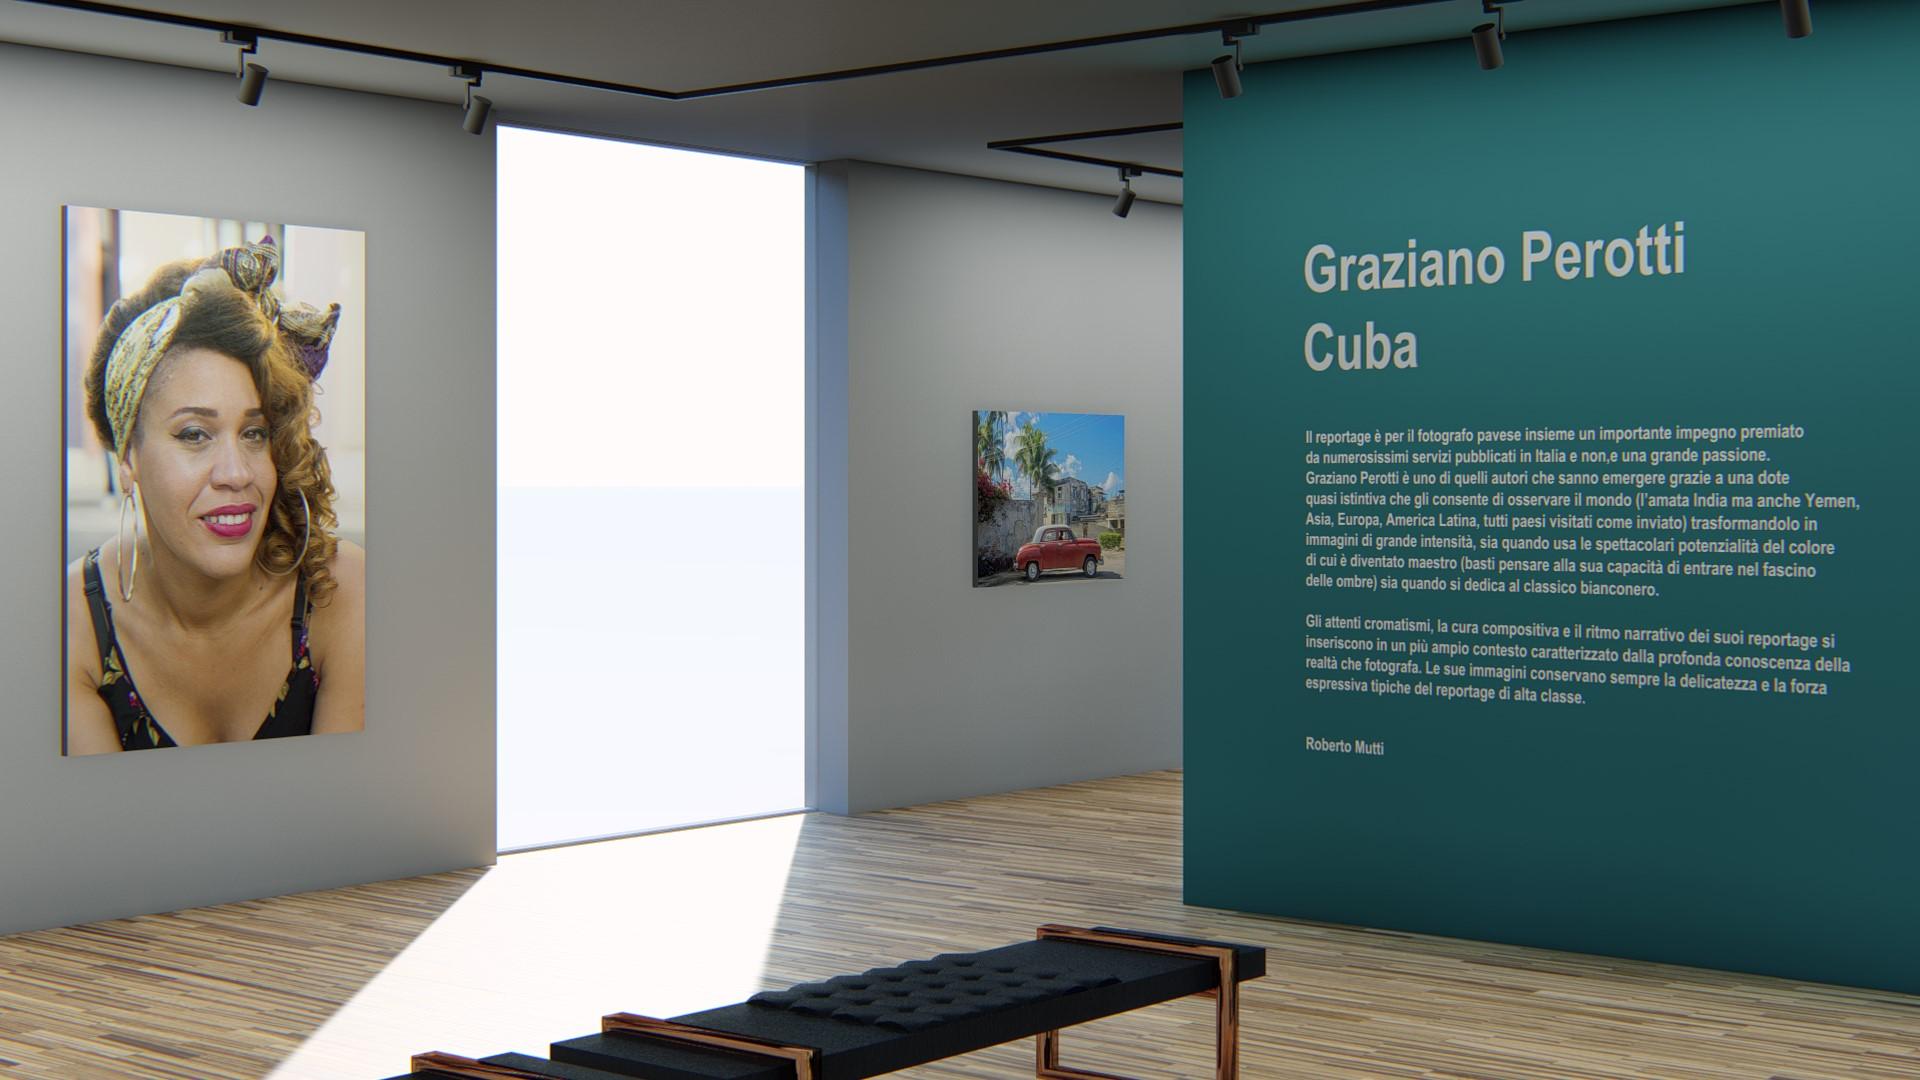 Graziano Perotti Cuba